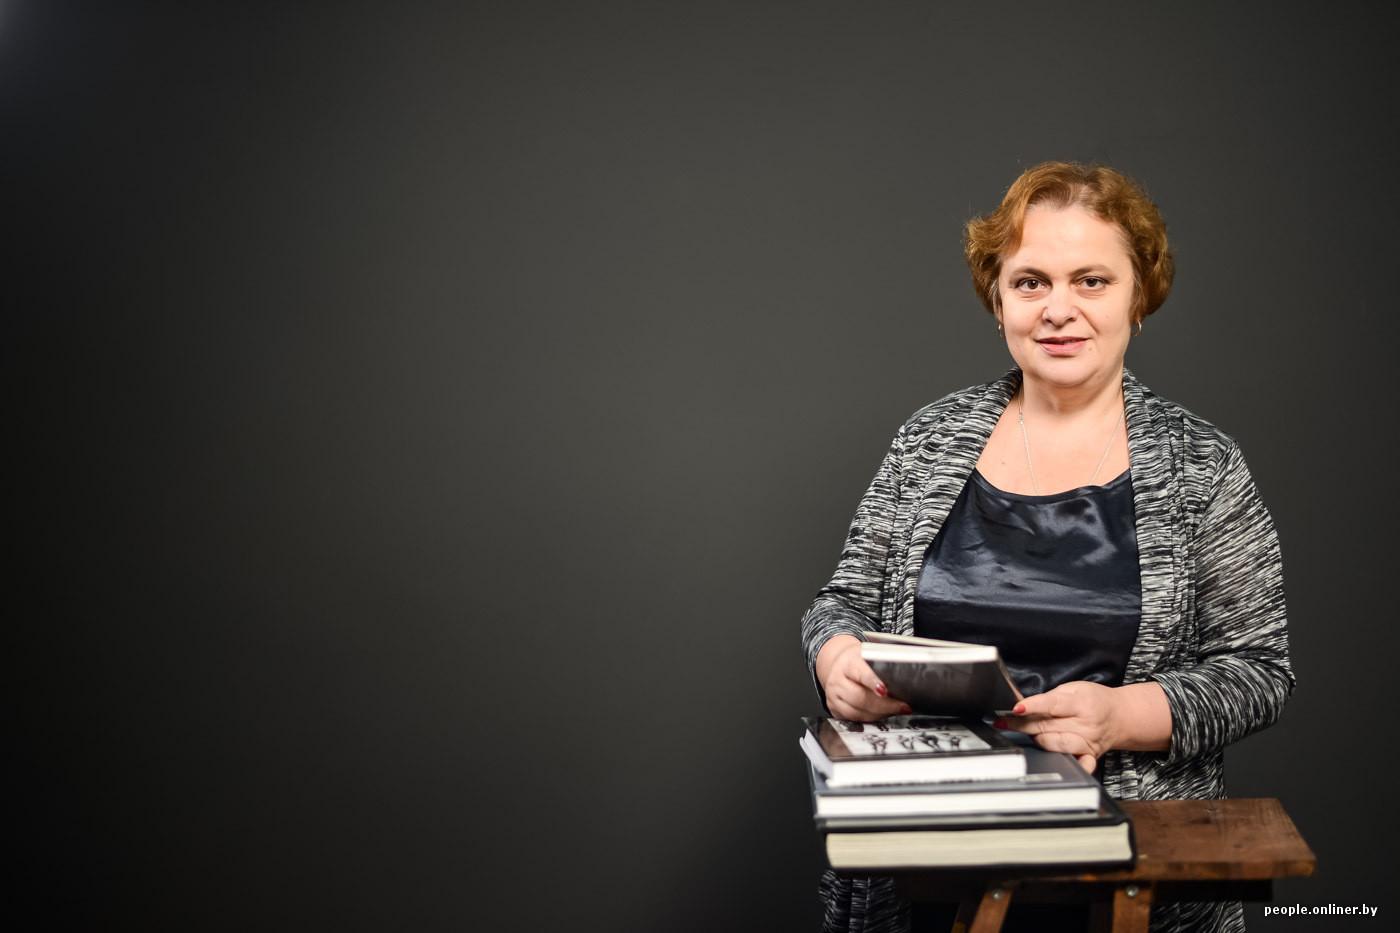 Индивидуалка 50 лет м филвский парк